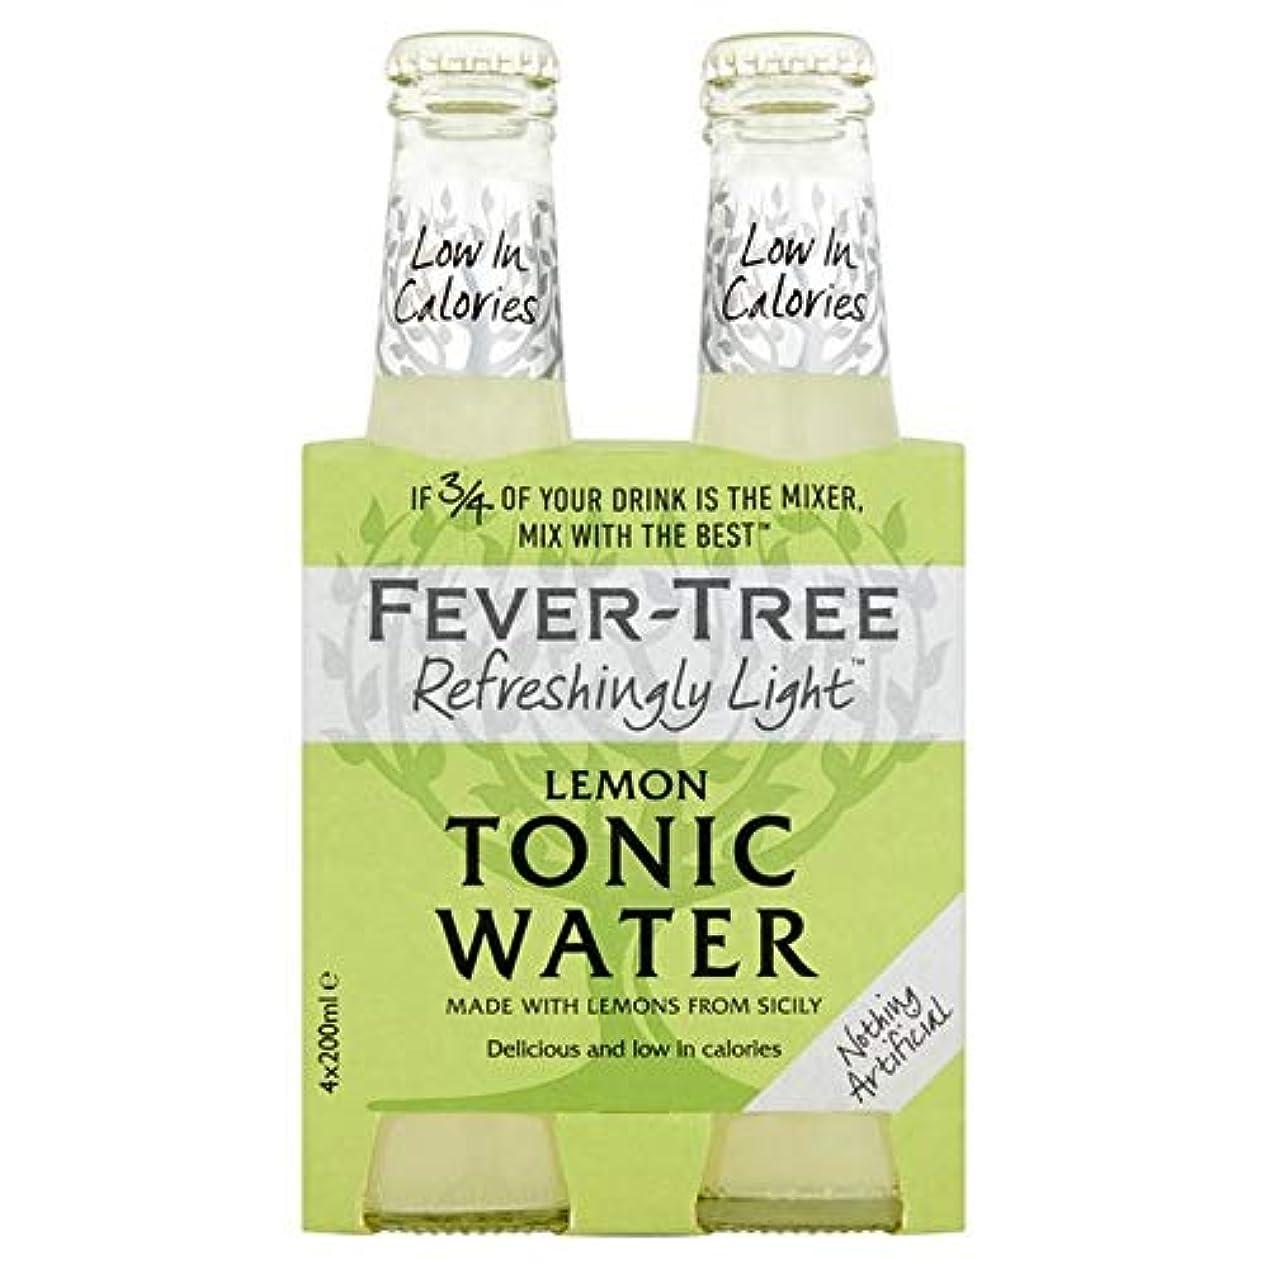 お手入れ良性化学薬品[Fever-Tree ] 発熱ツリー爽快光レモントニック水4×200ミリリットル - Fever-Tree Refreshingly Light Lemon Tonic Water 4 x 200ml [並行輸入品]